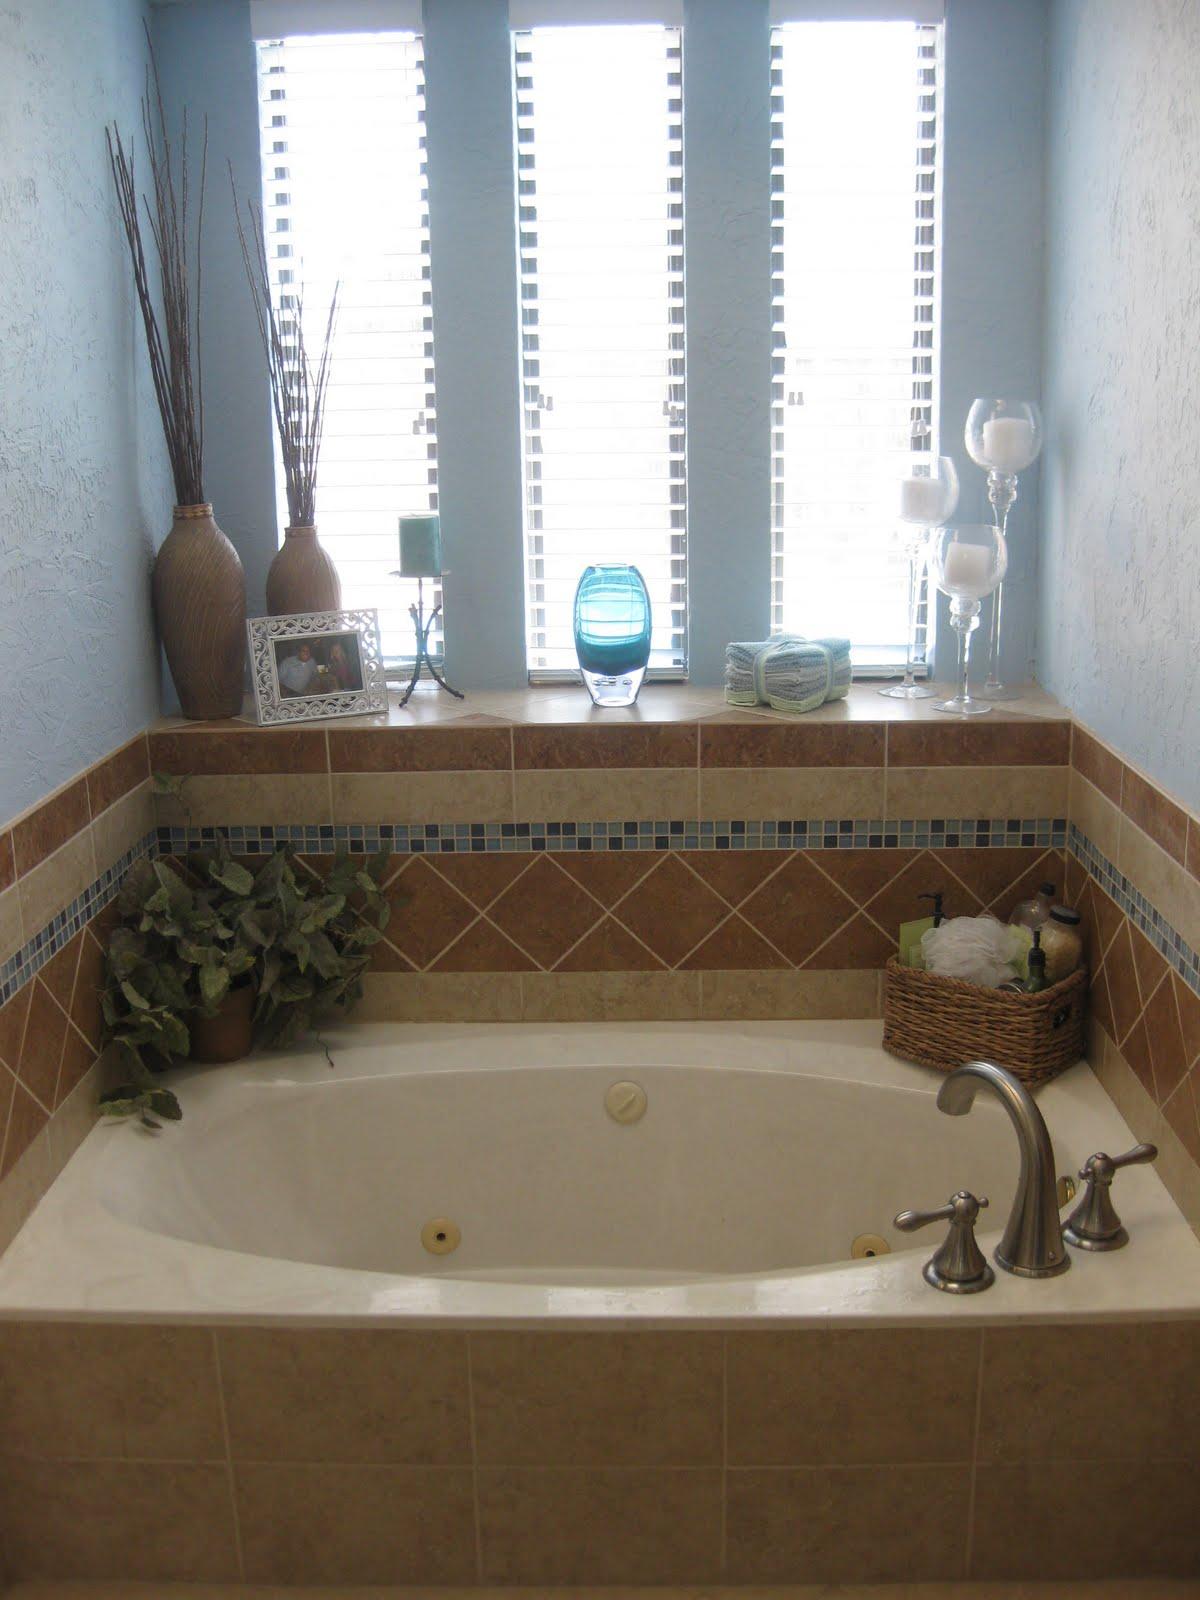 Gemini bathroom remodeling for Bathroom remodel keller tx